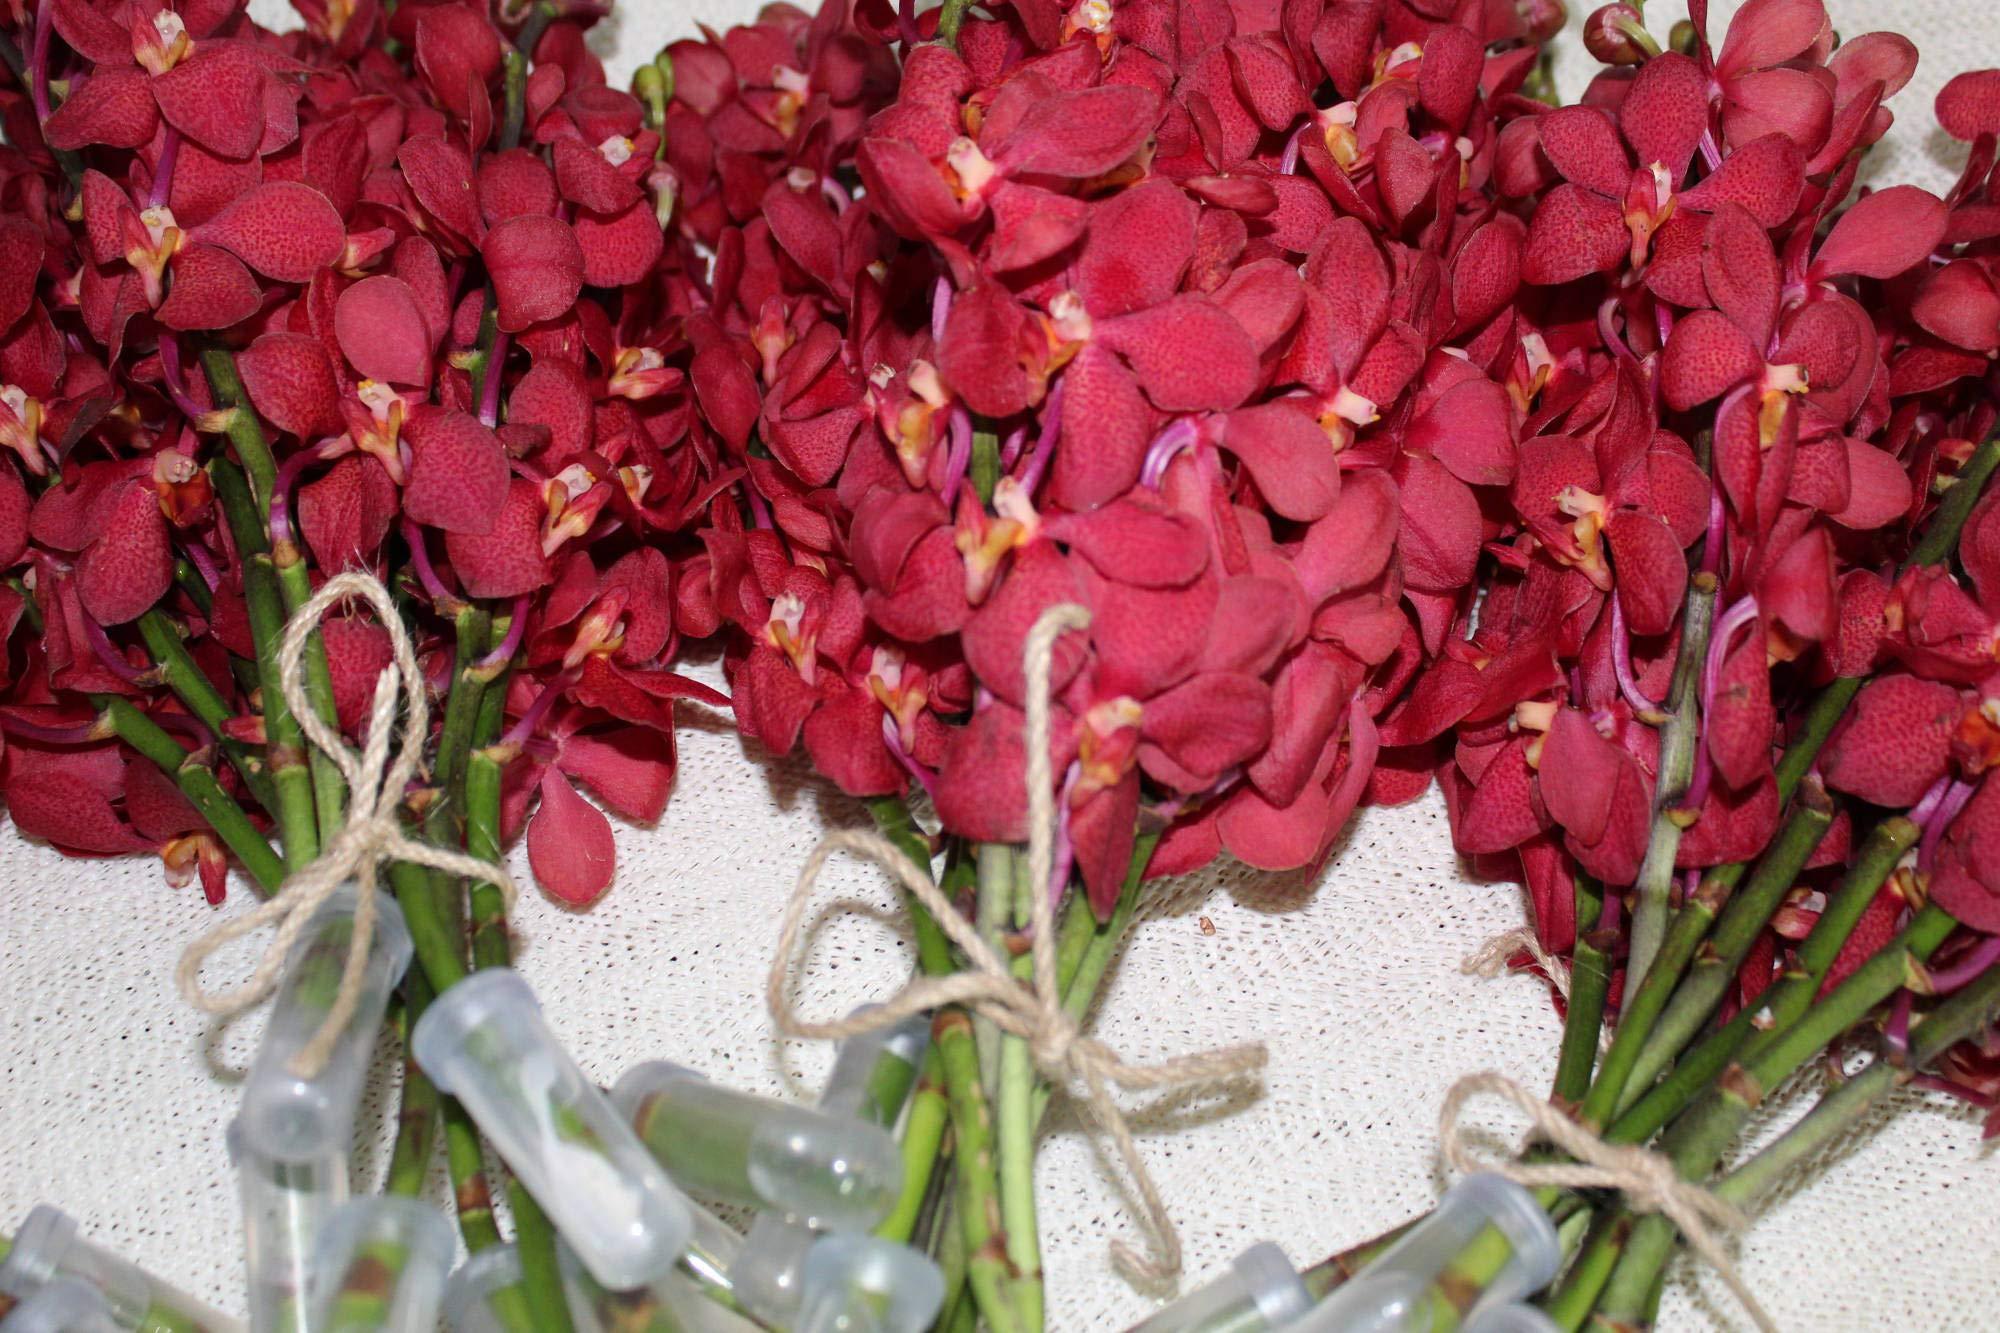 Athena's Garden Fresh Deep Red Mokara Cut Orchids Box 7 Bunches by Athena's Garden